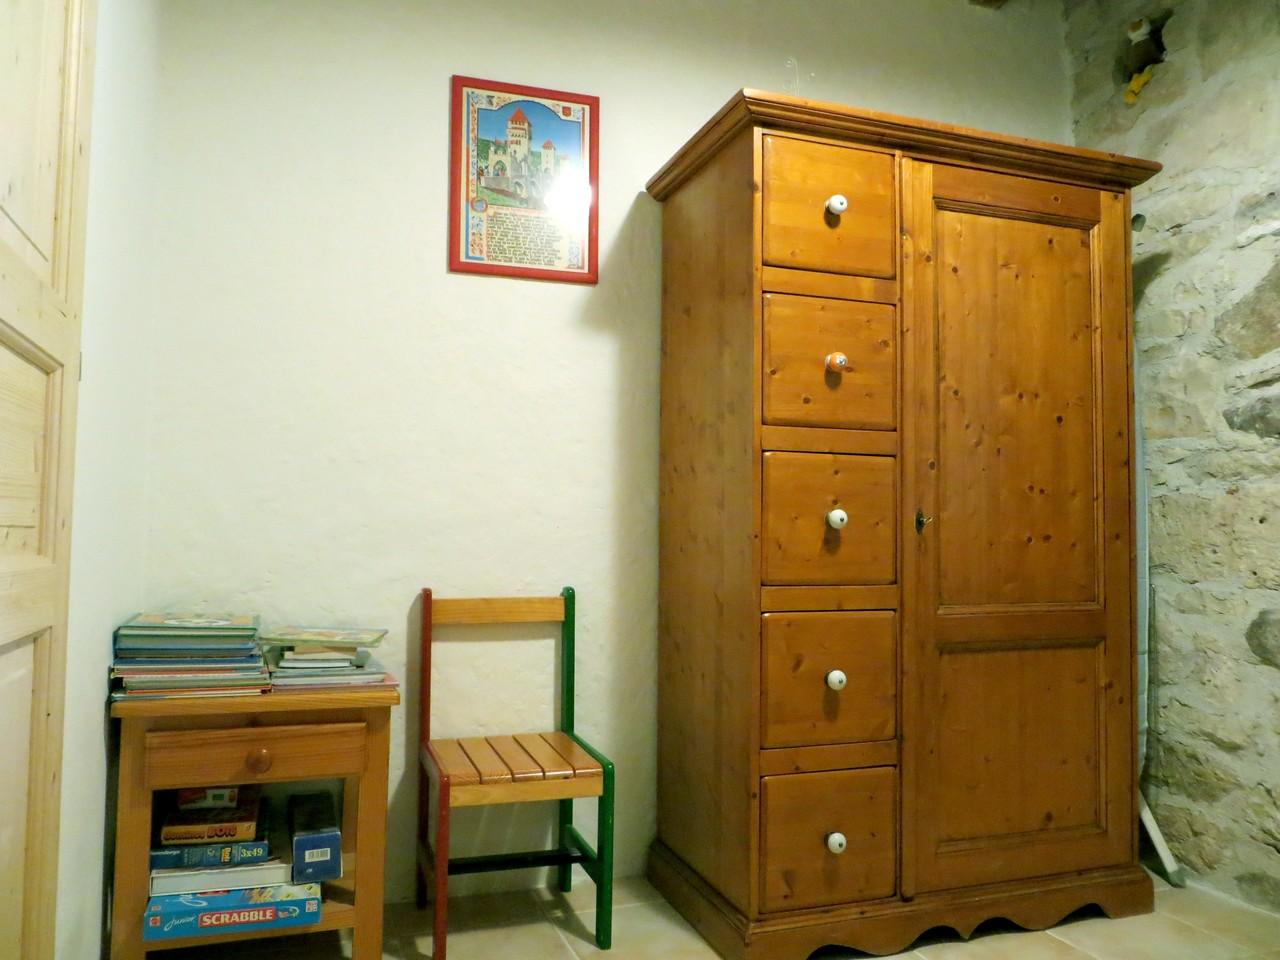 pièce à coucher 2 - 1 armoire de rangement